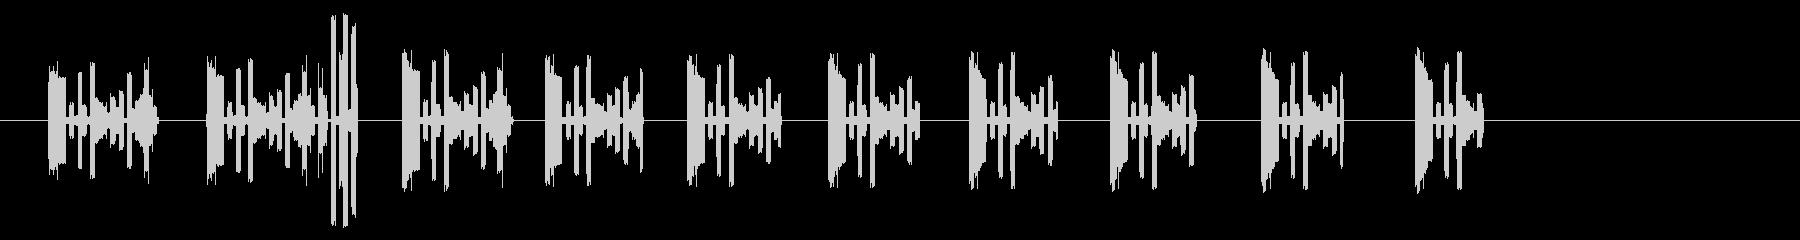 脈動電子スロースタッターの未再生の波形